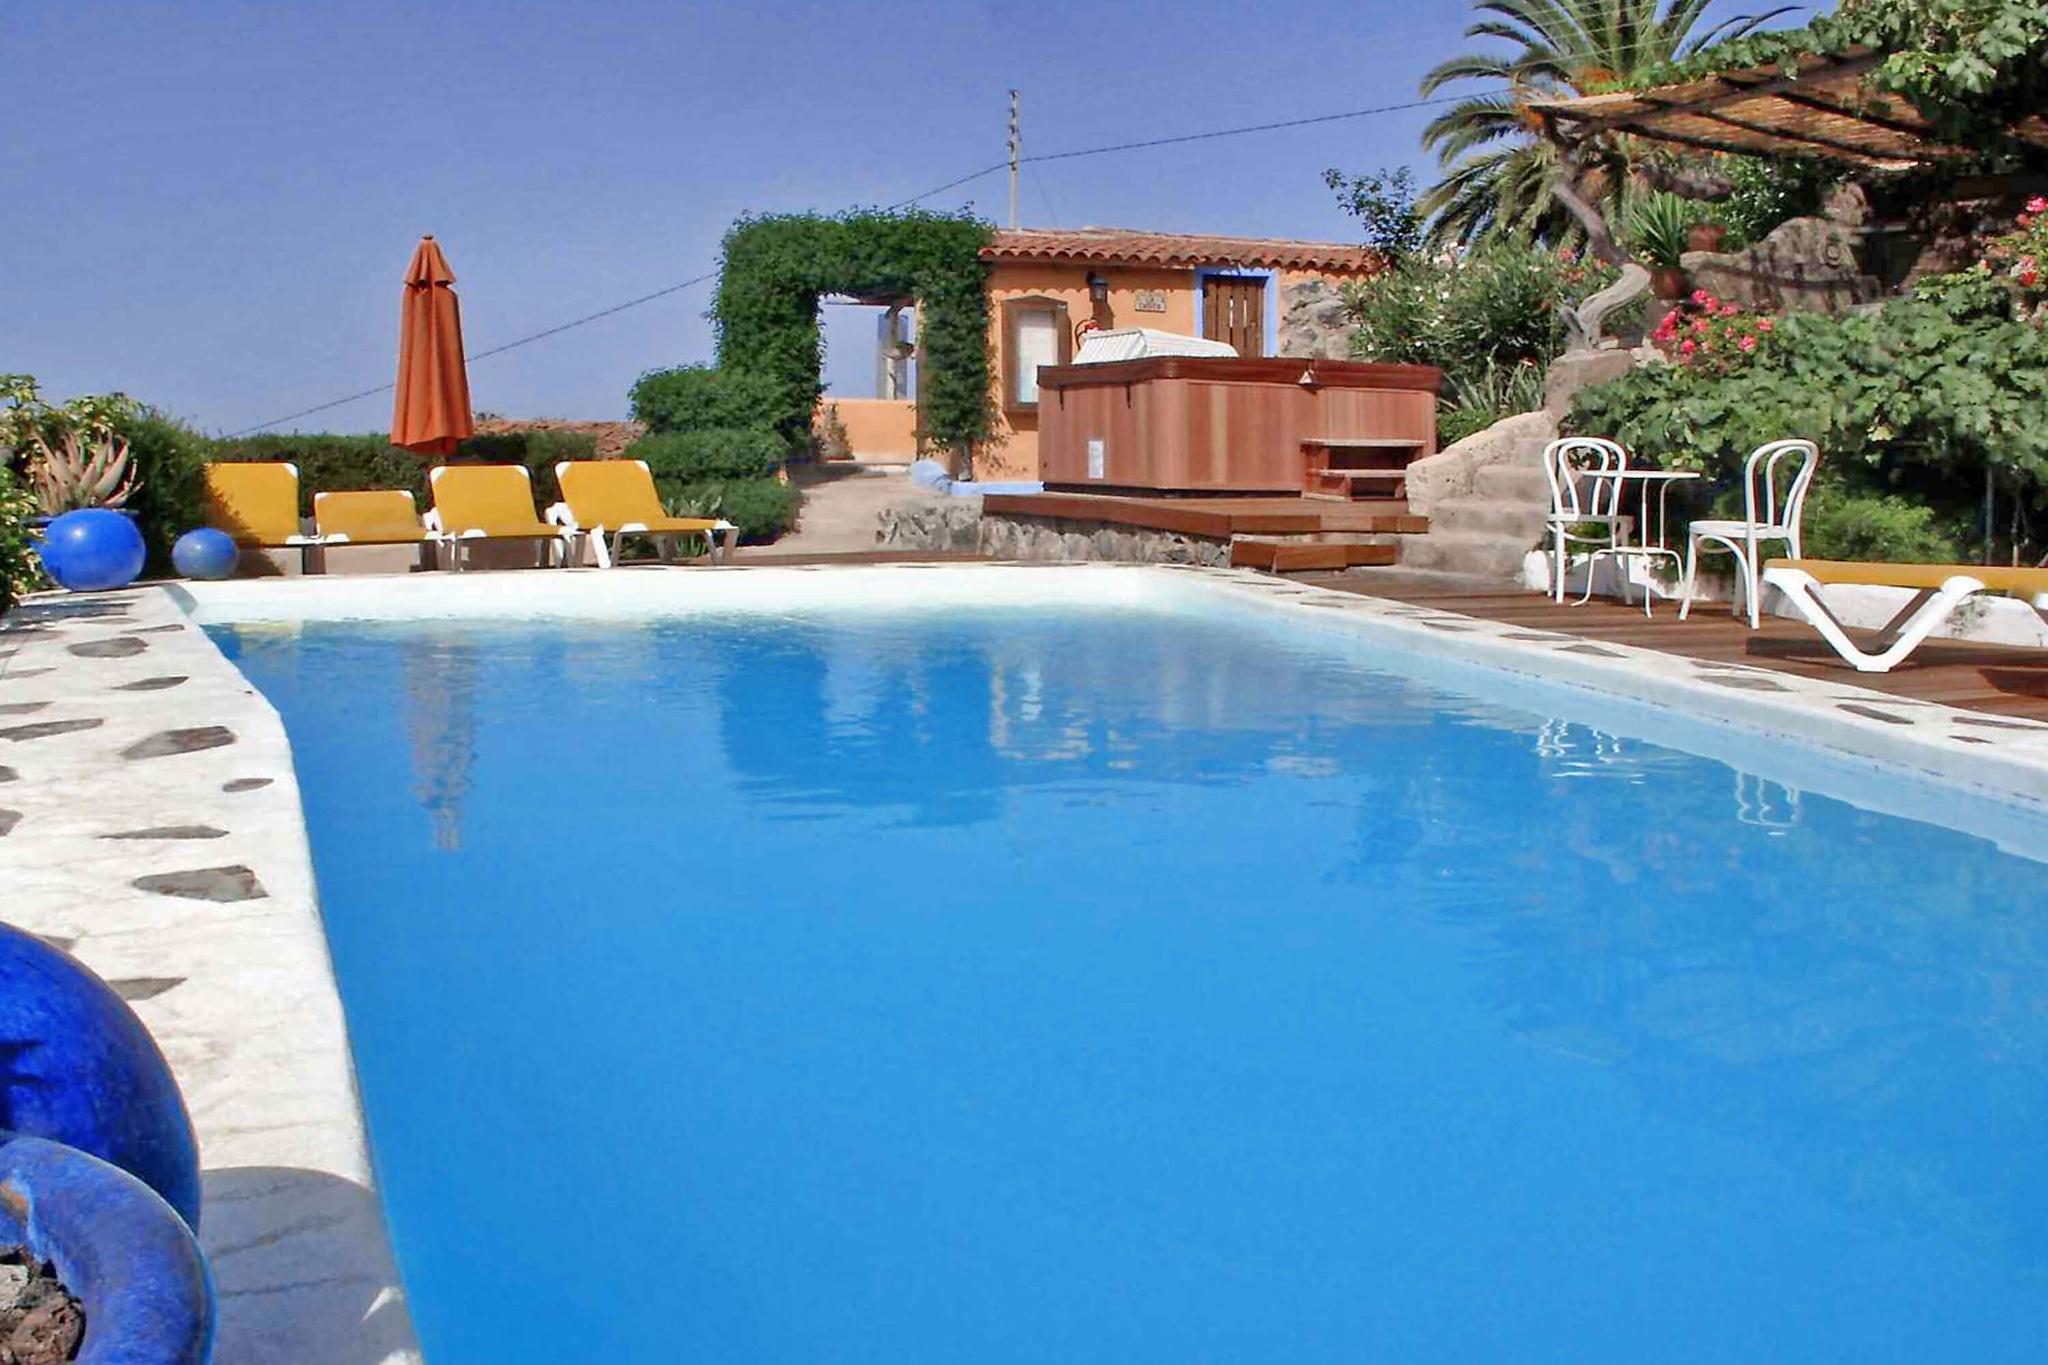 Charmant landhuis voor twee personen, met landelijke stijl op een landgoed met gemeenschappelijk zwembad en mooie tuin